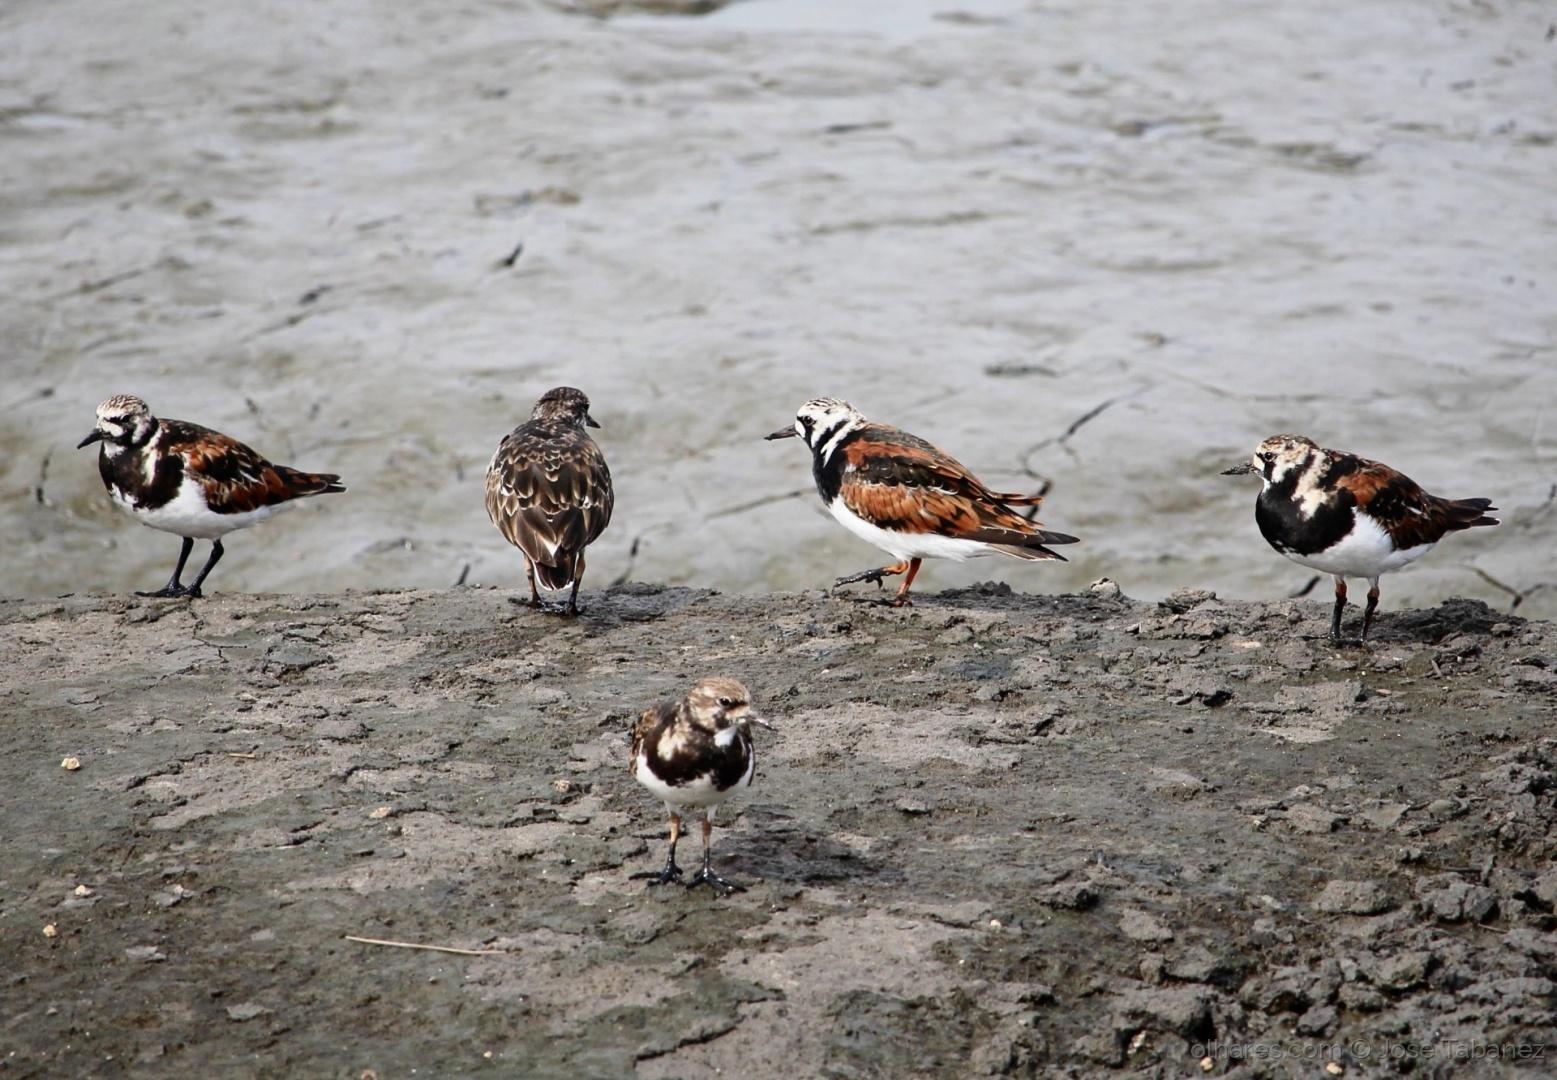 Animais/Rolas do mar em reunião